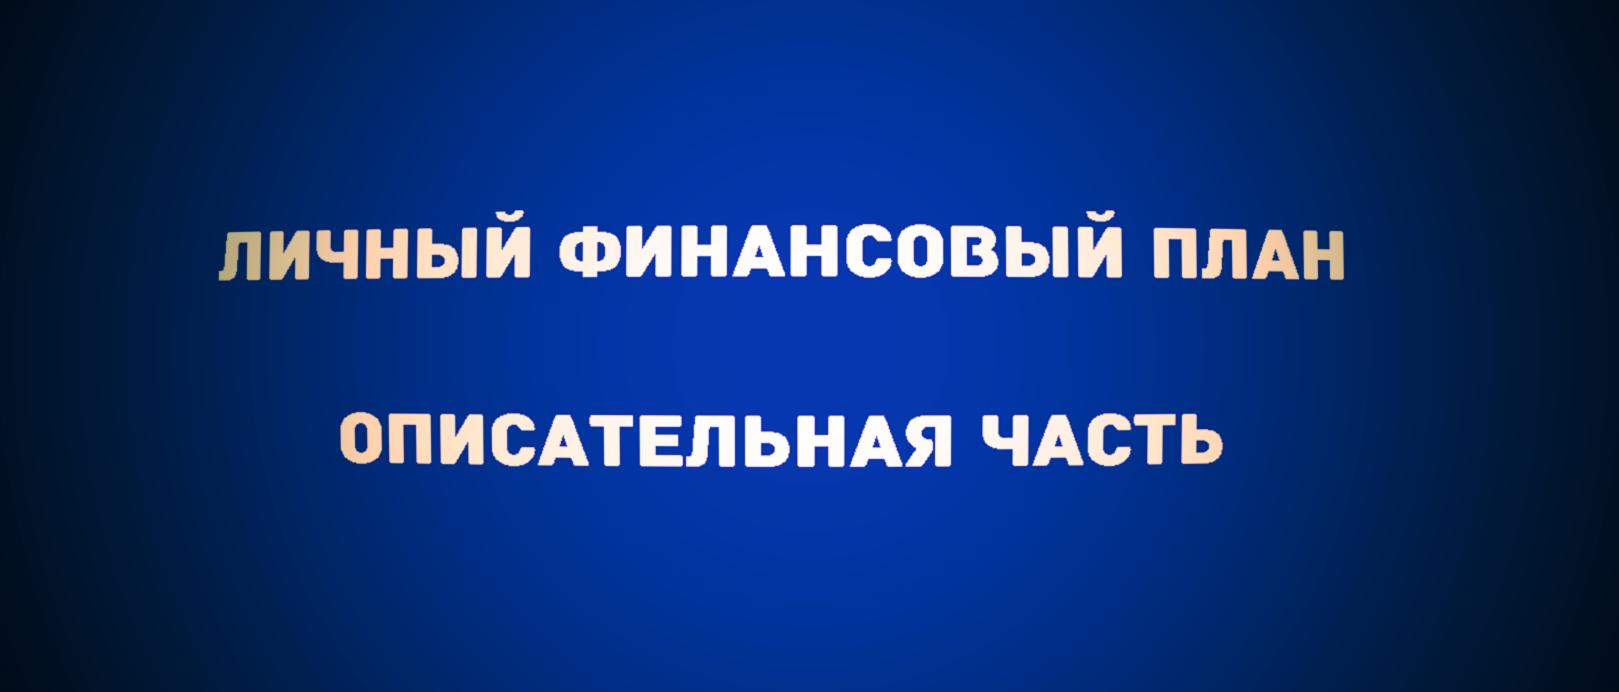 Личный финансовый план - описательная часть от финансового советника - Хомутова Александра